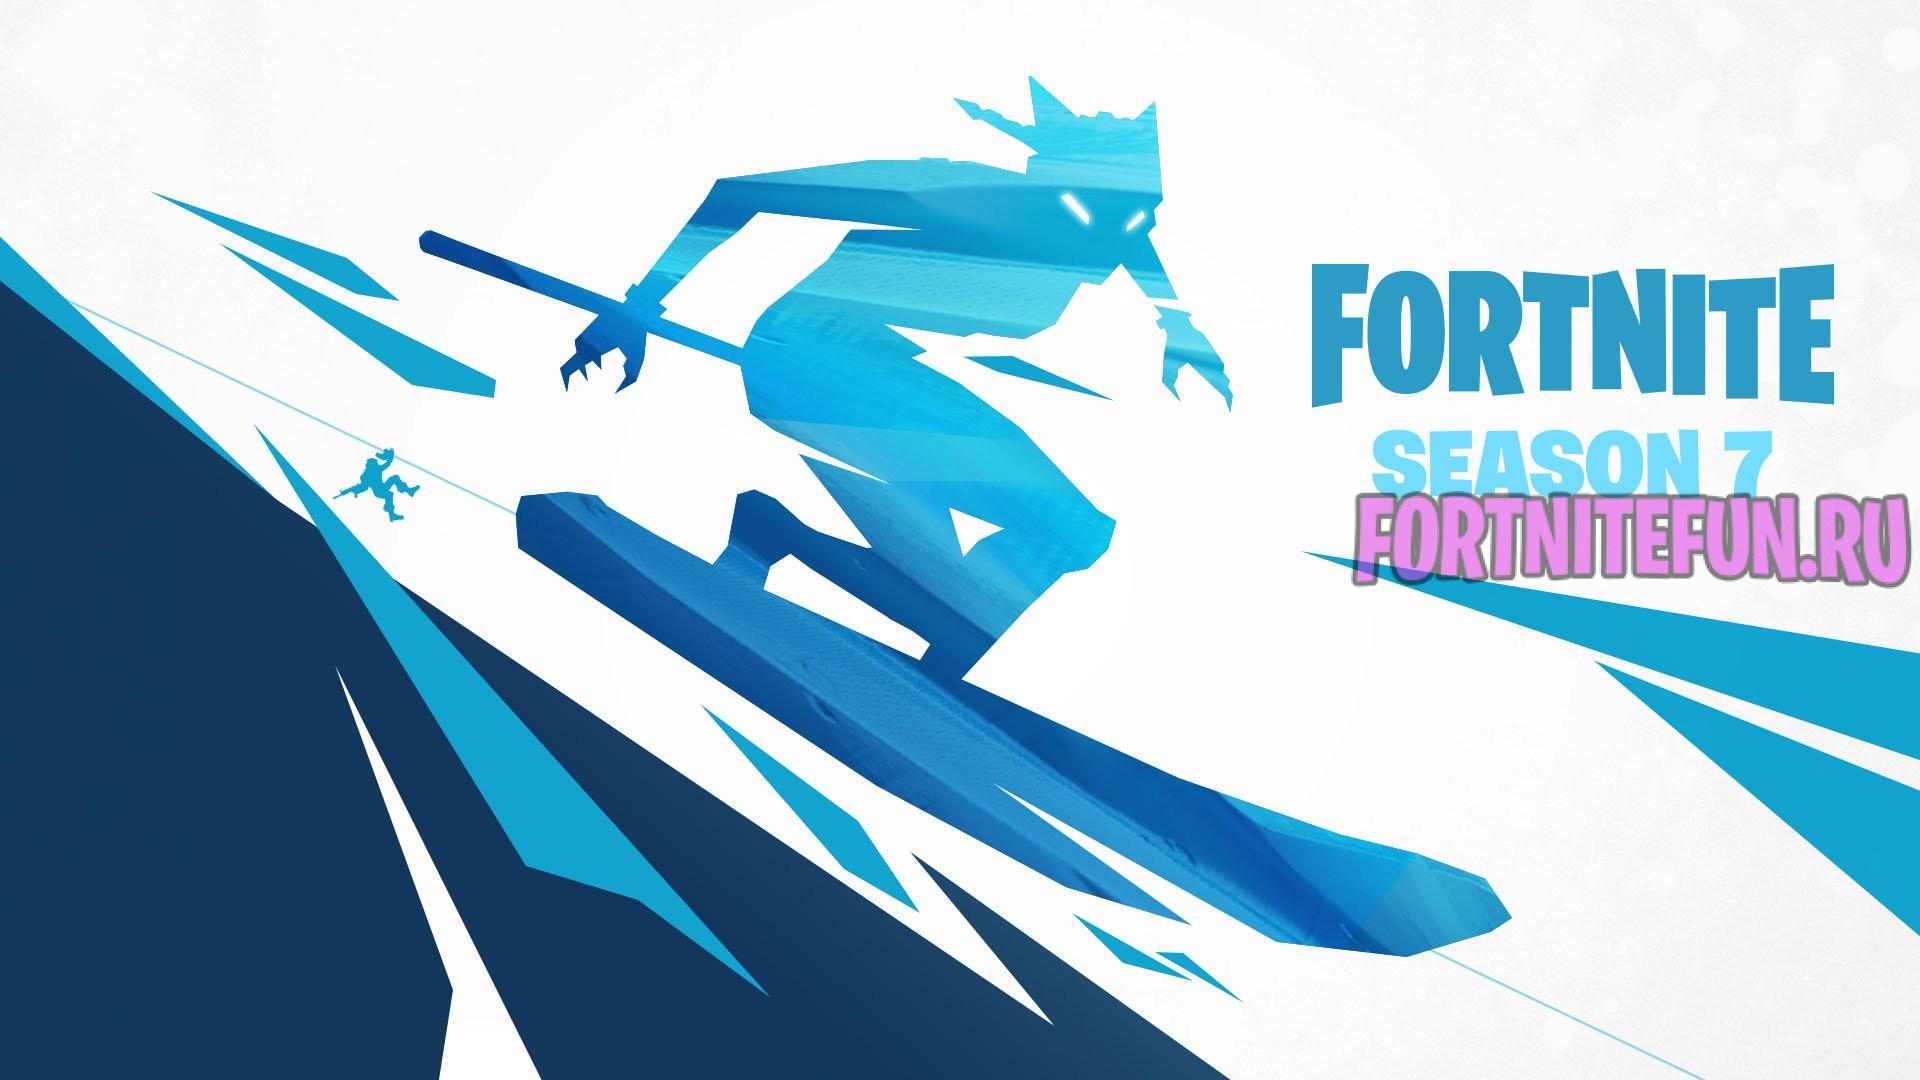 2 сезон 7 - Летающий сноуборд в Фортнайт.